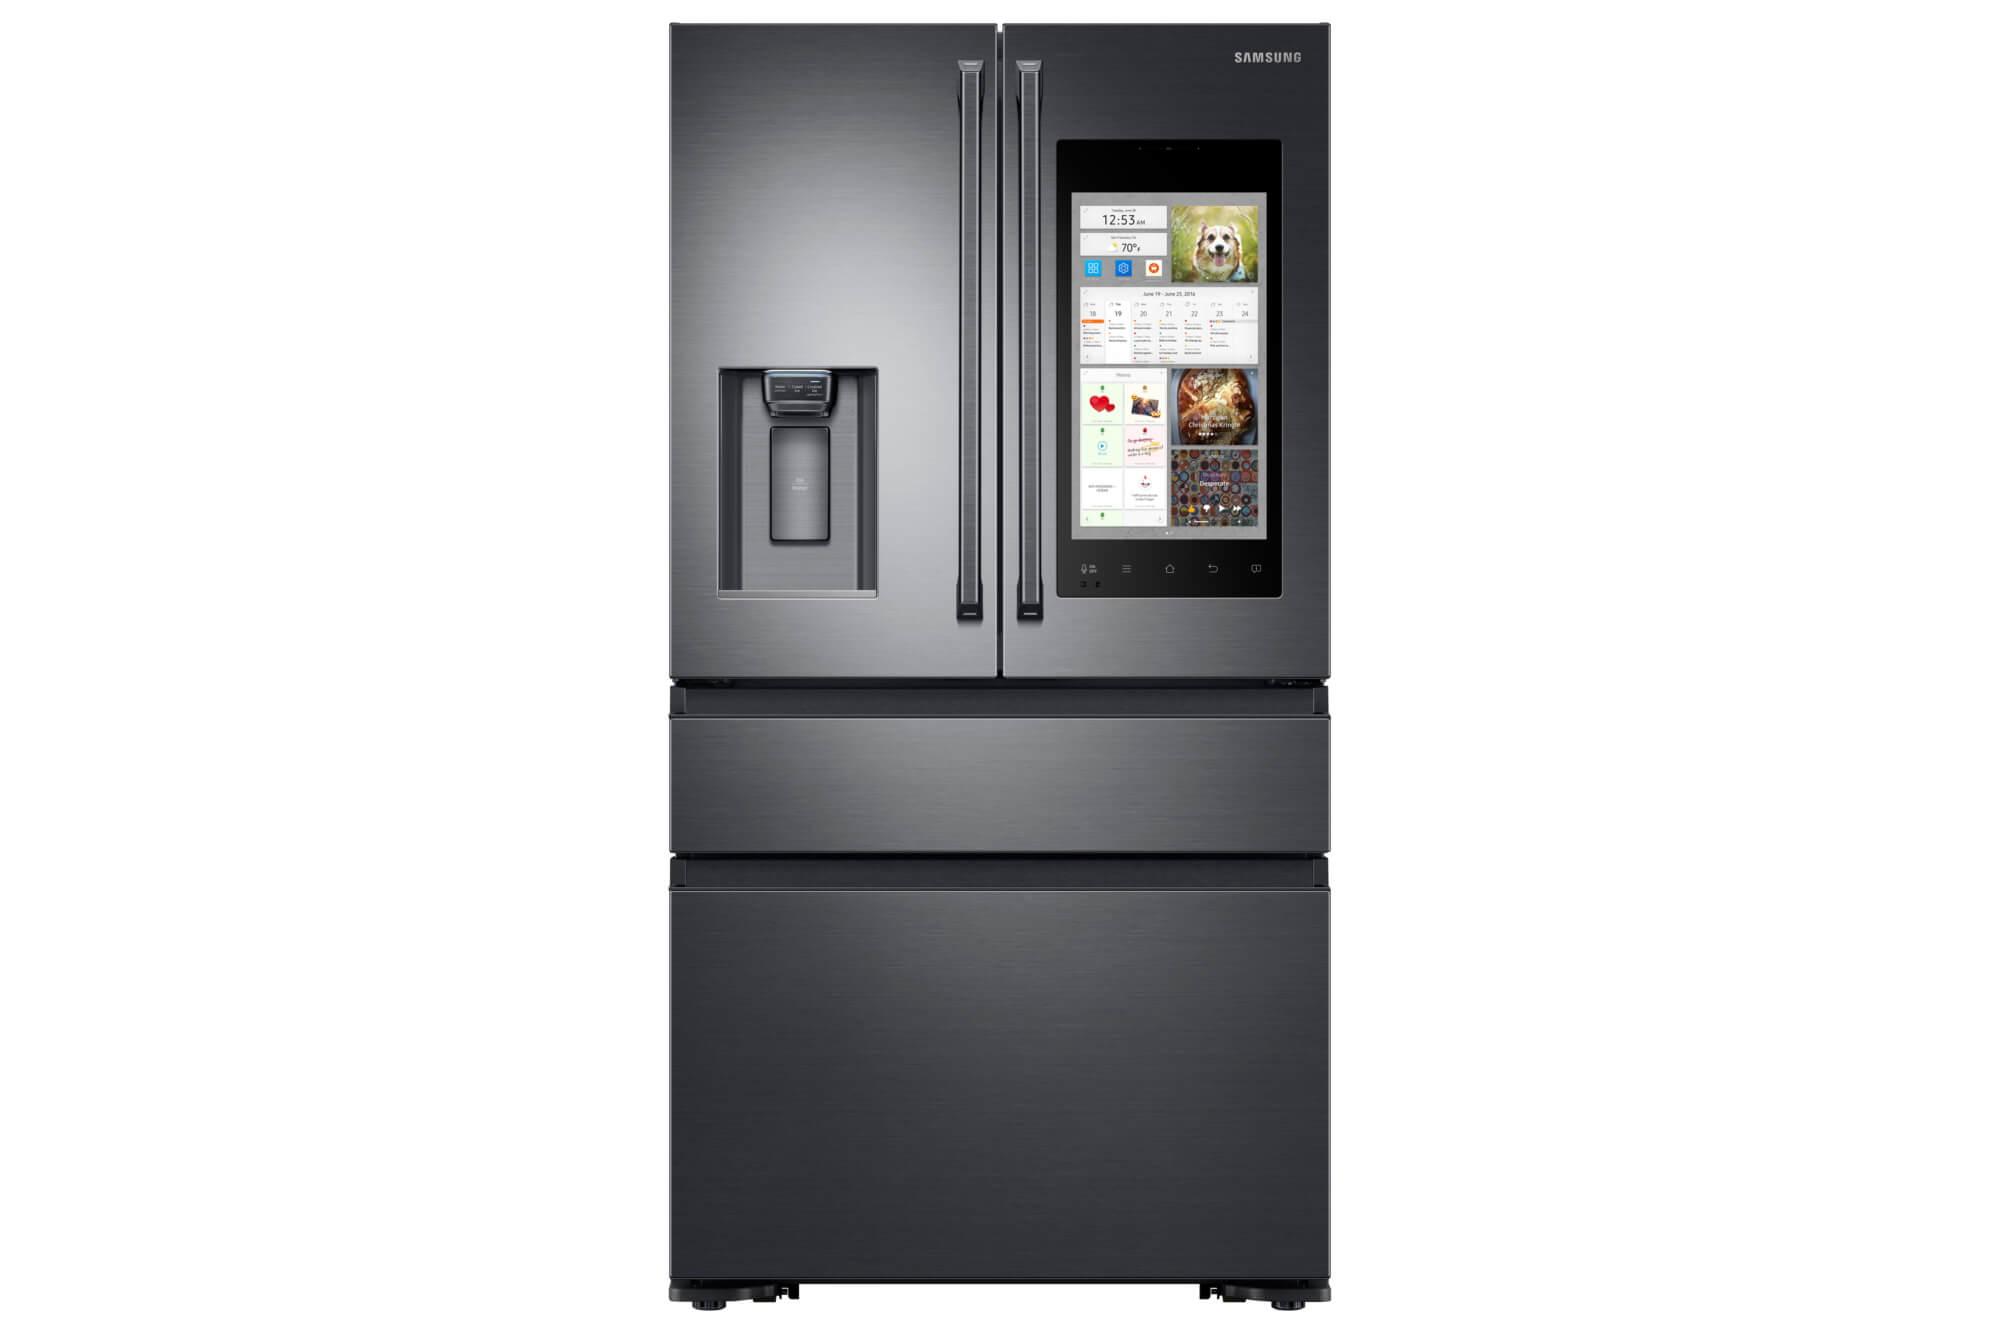 Siemens Kühlschrank Mit Getränkeschublade : Family hub der smarte kühlschrank von samsung ist das die